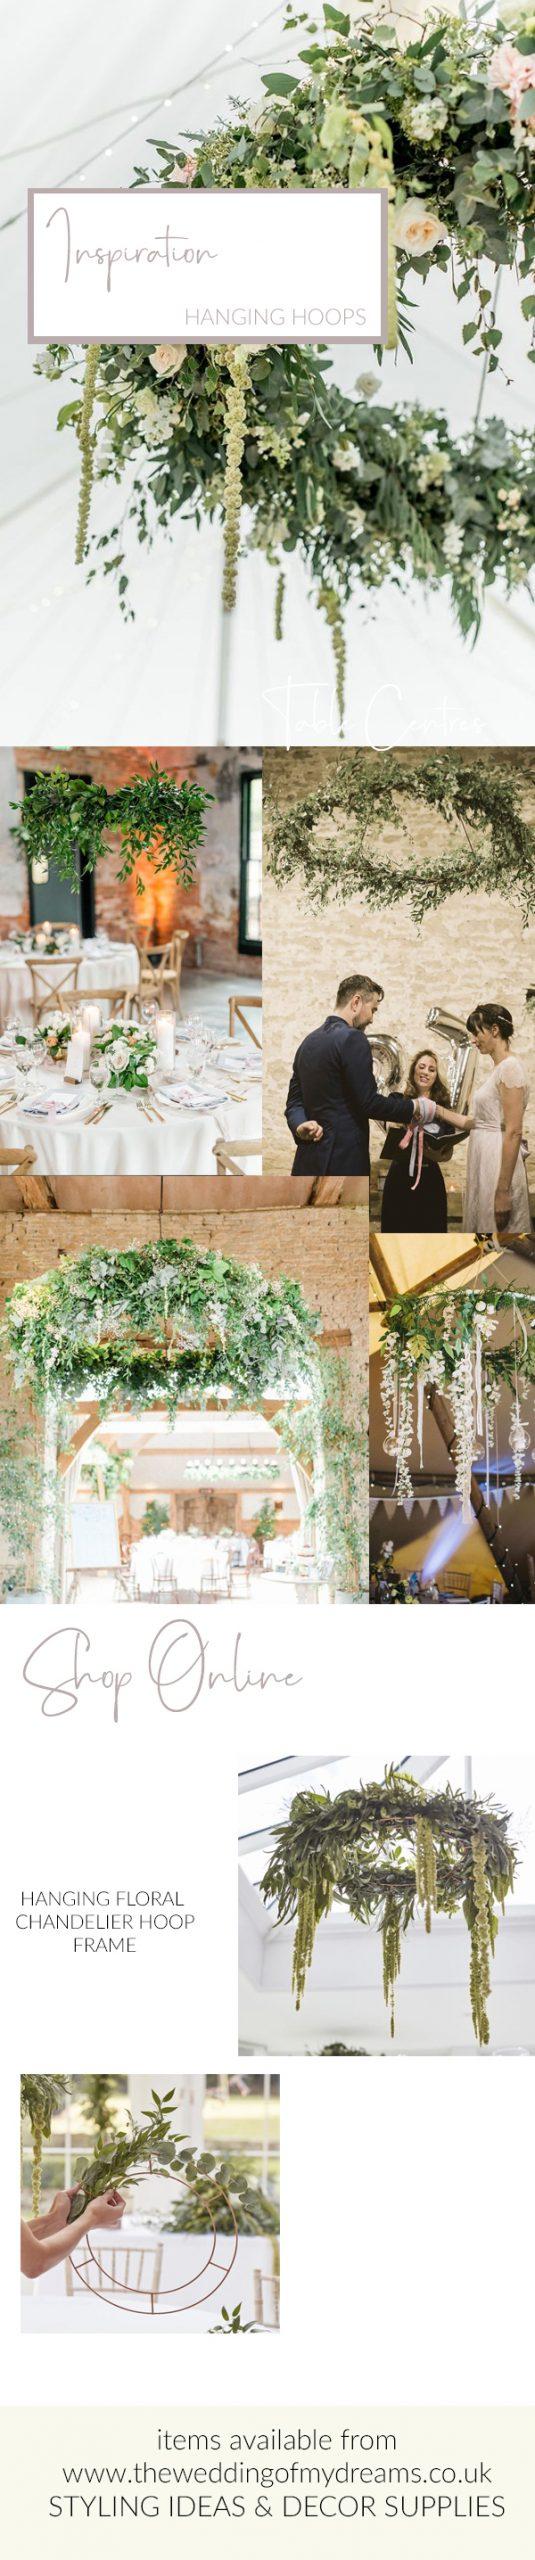 wedding hoops floral chandelier frames wedding for sale